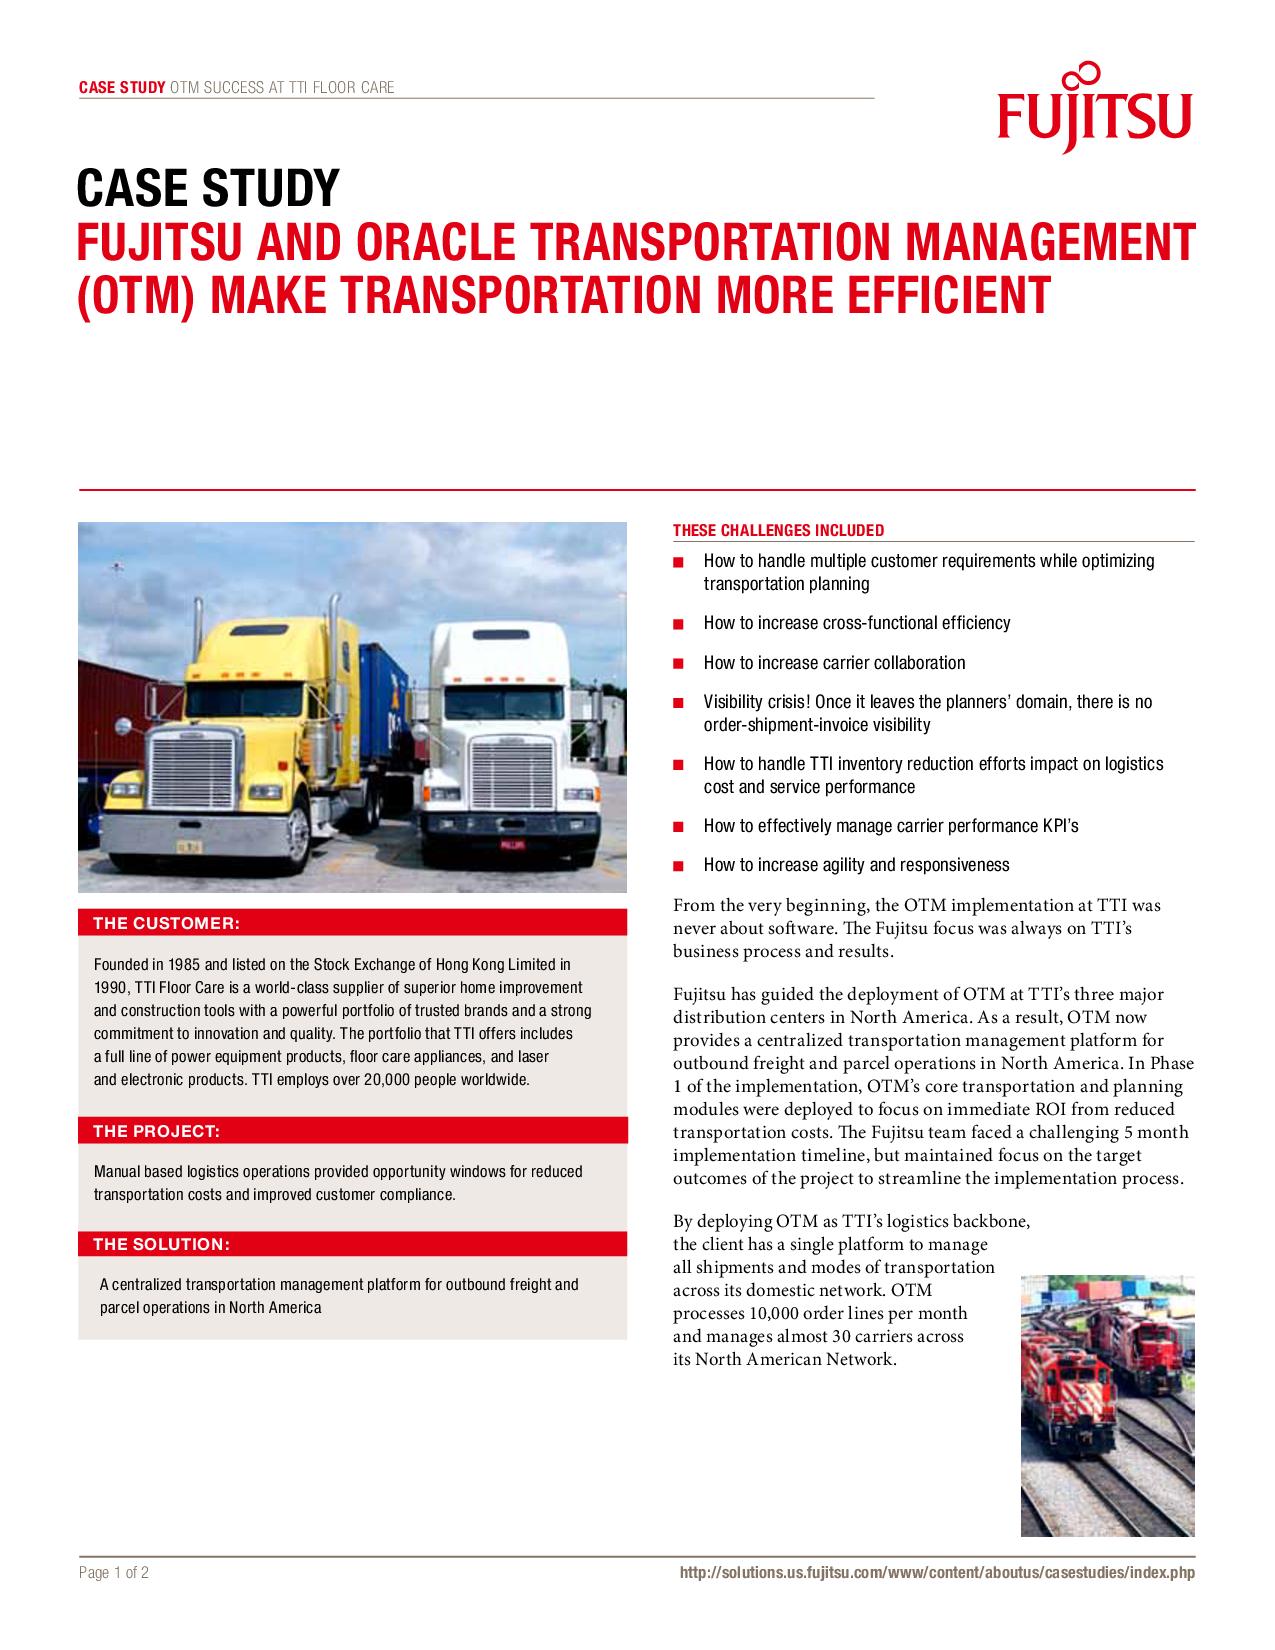 Make Transportation More Efficient